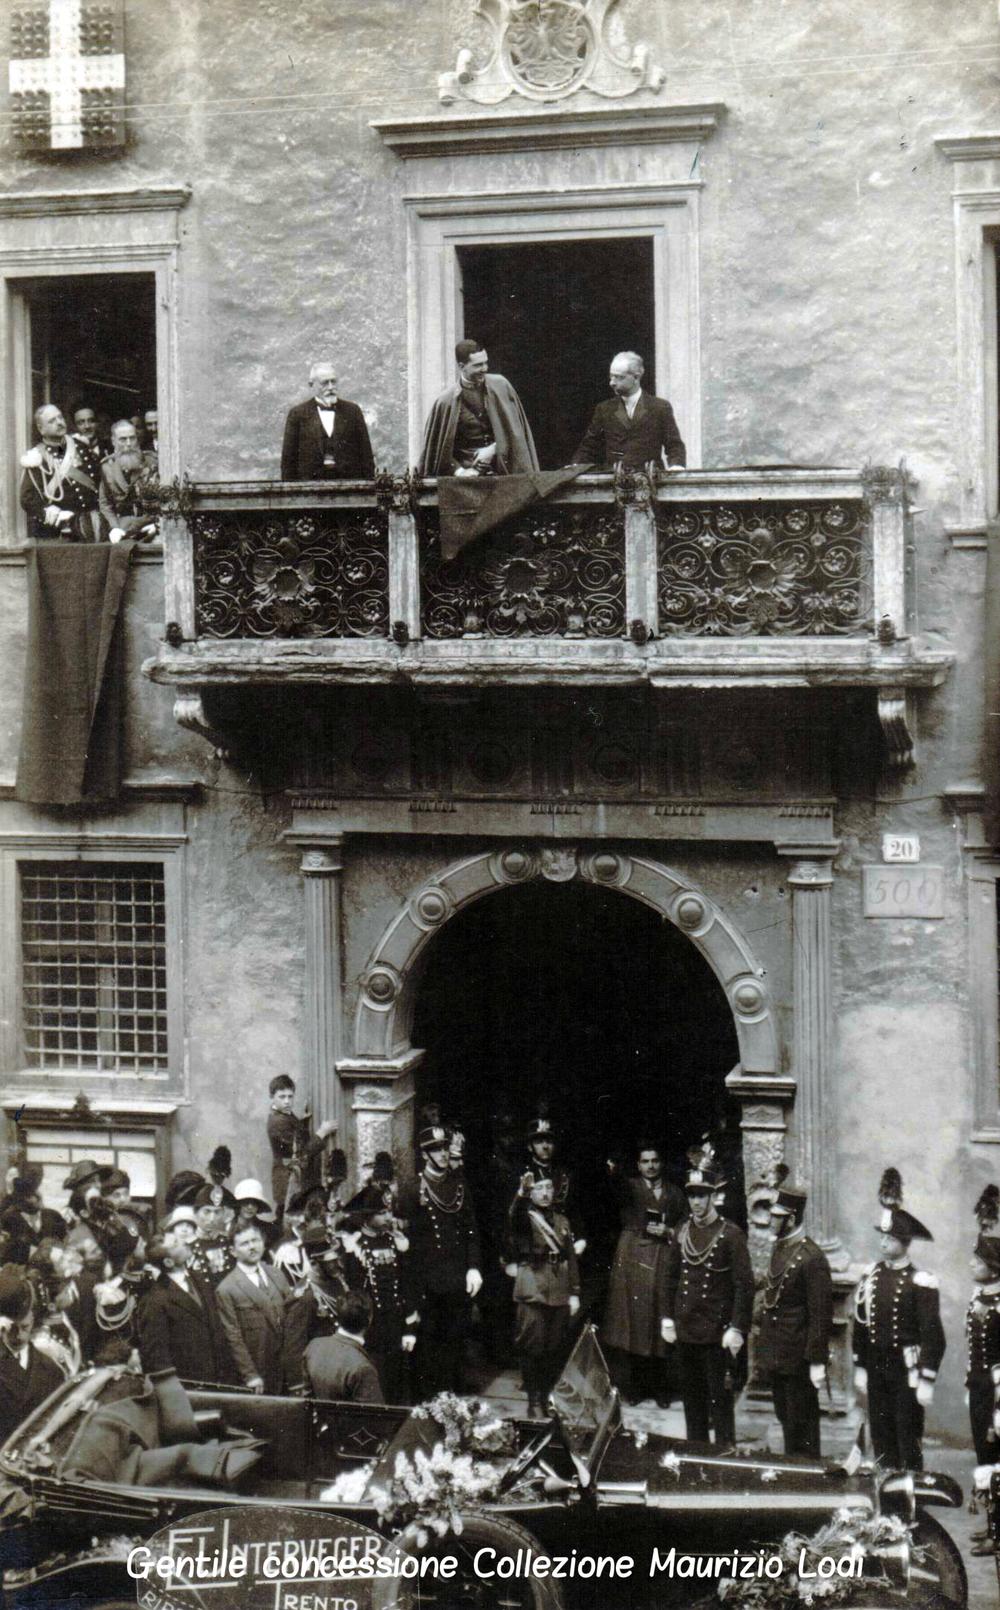 Visita del Principe Umberto di Savoia in Trento Redenta 27.4.1924 (c).jpg